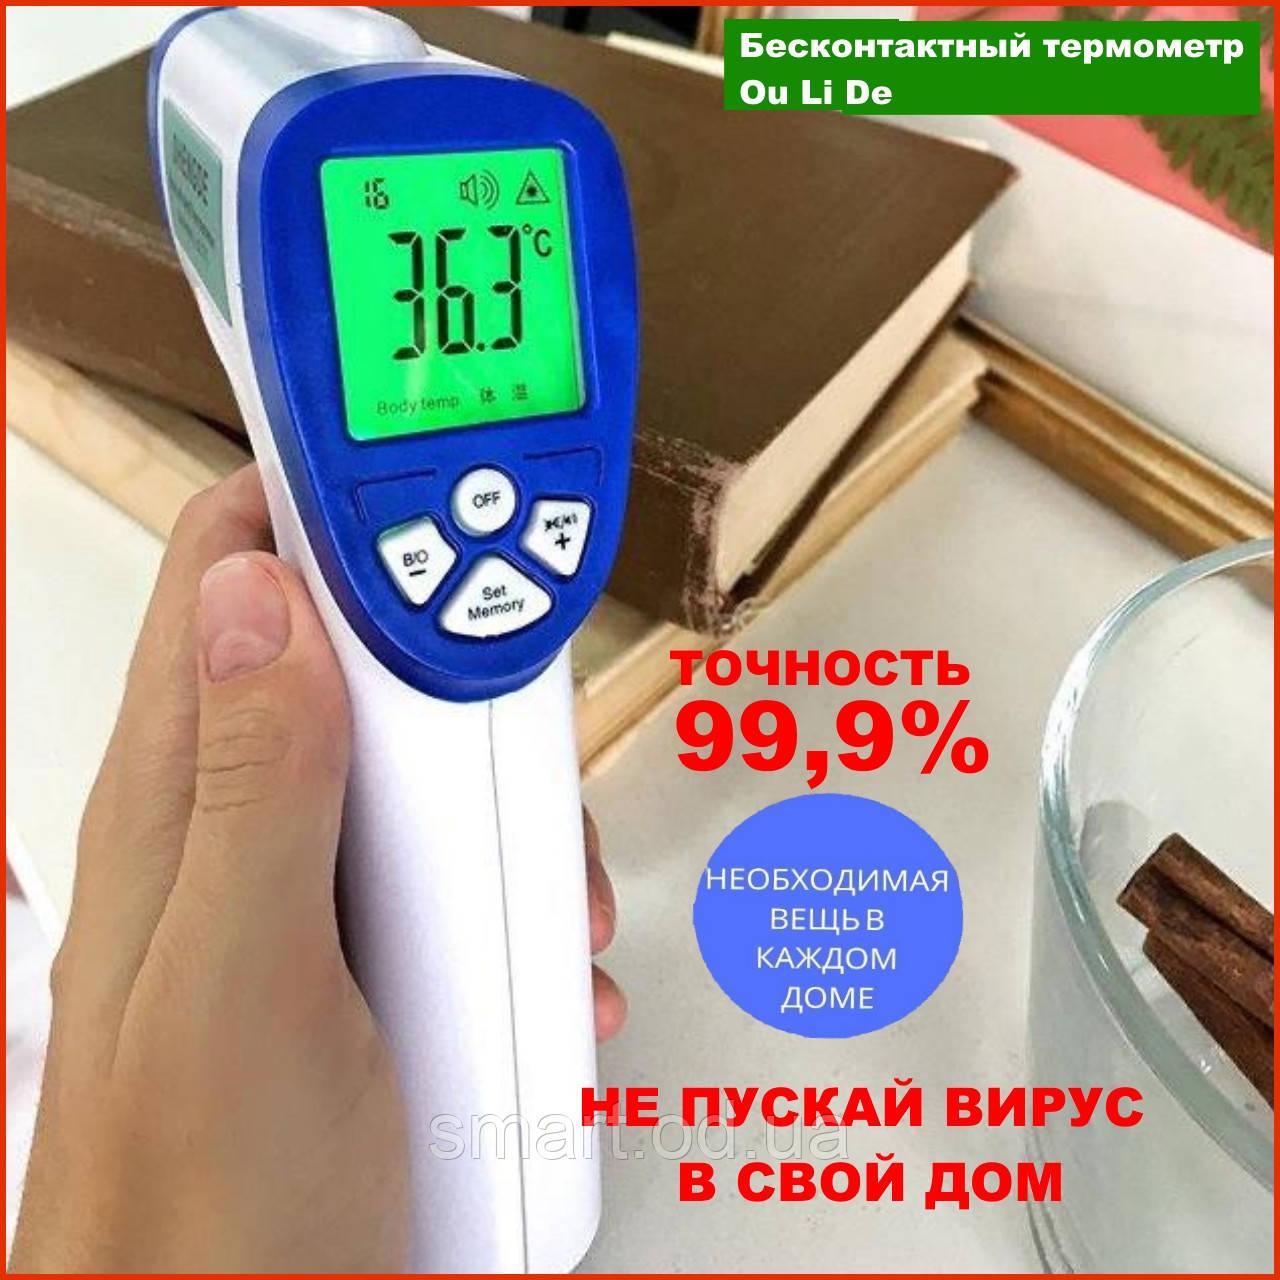 Електронний безконтактний медичний інфрачервоний термометр термометр OU BEI DE тіла дорослих дітей